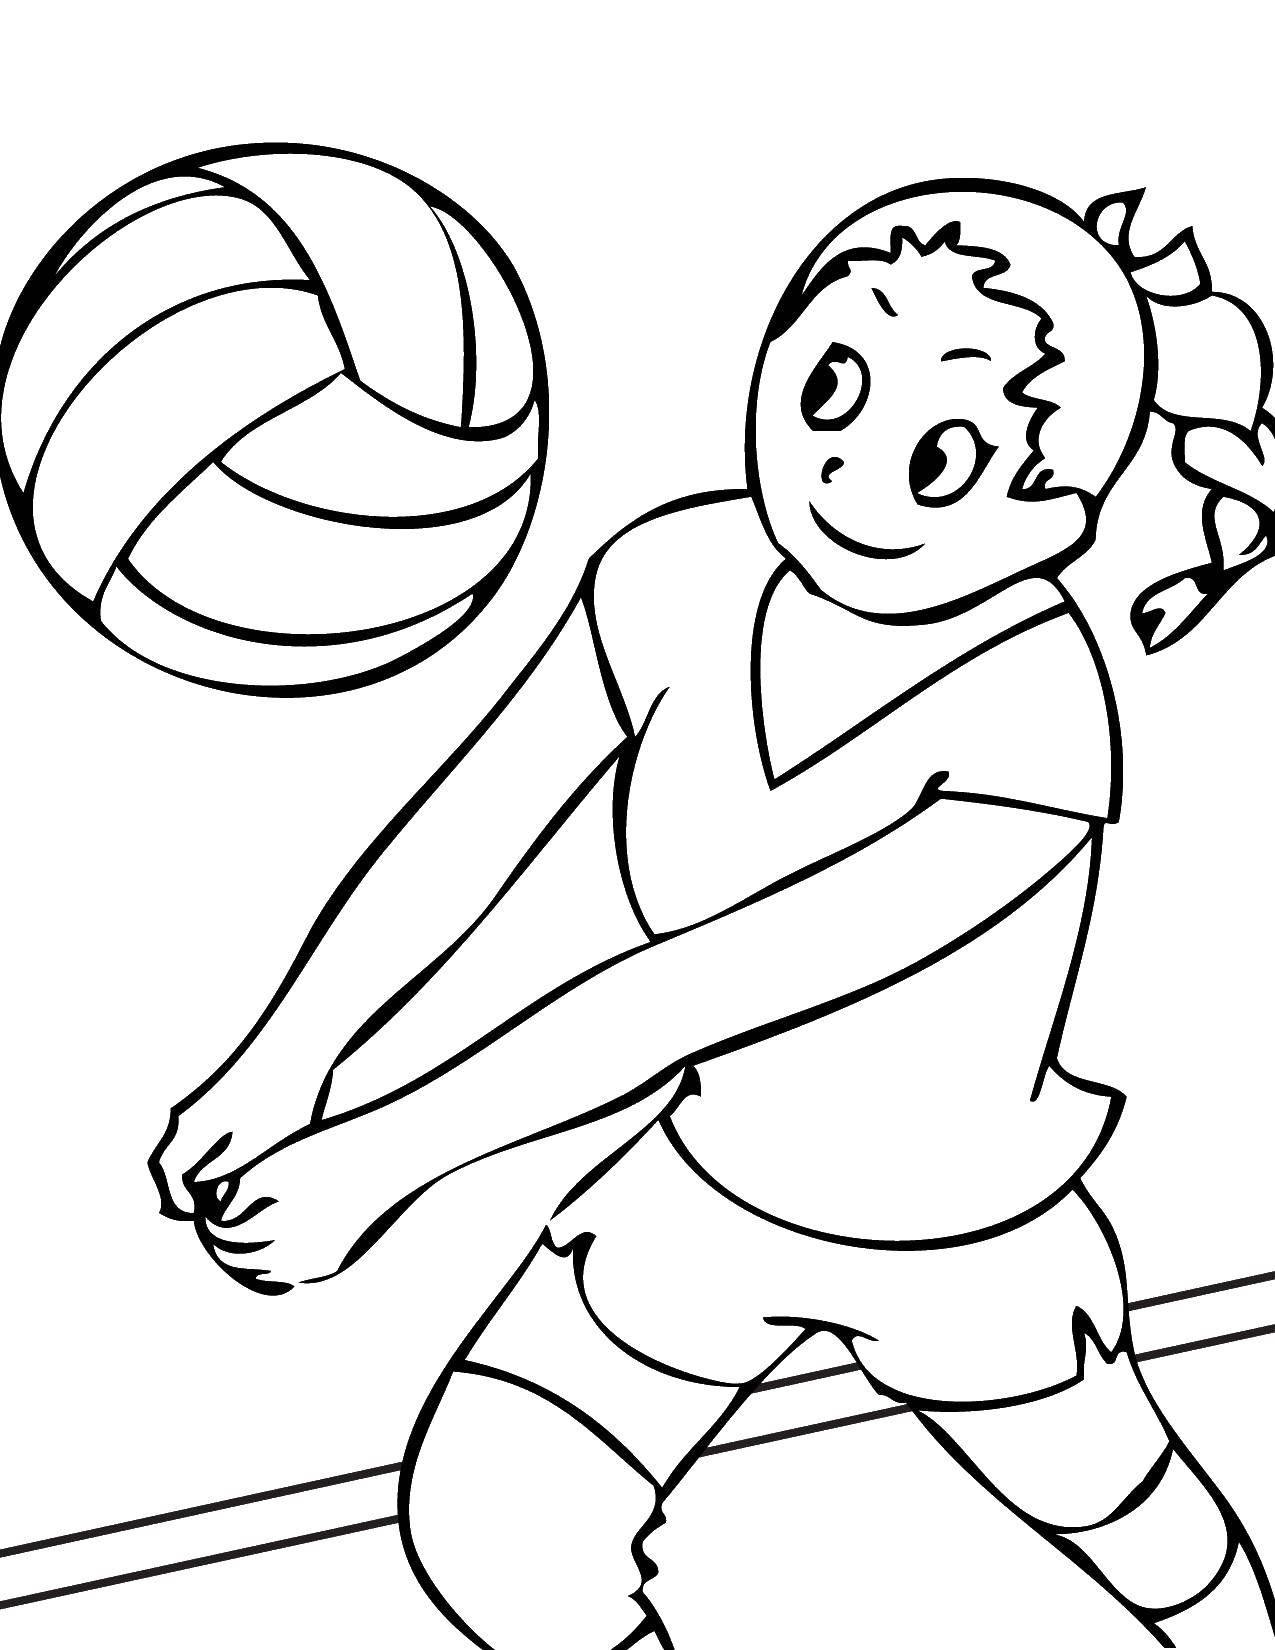 Раскраска Девочка волейболистка Скачать девочка, мяч, волейбол.  Распечатать ,Спорт,